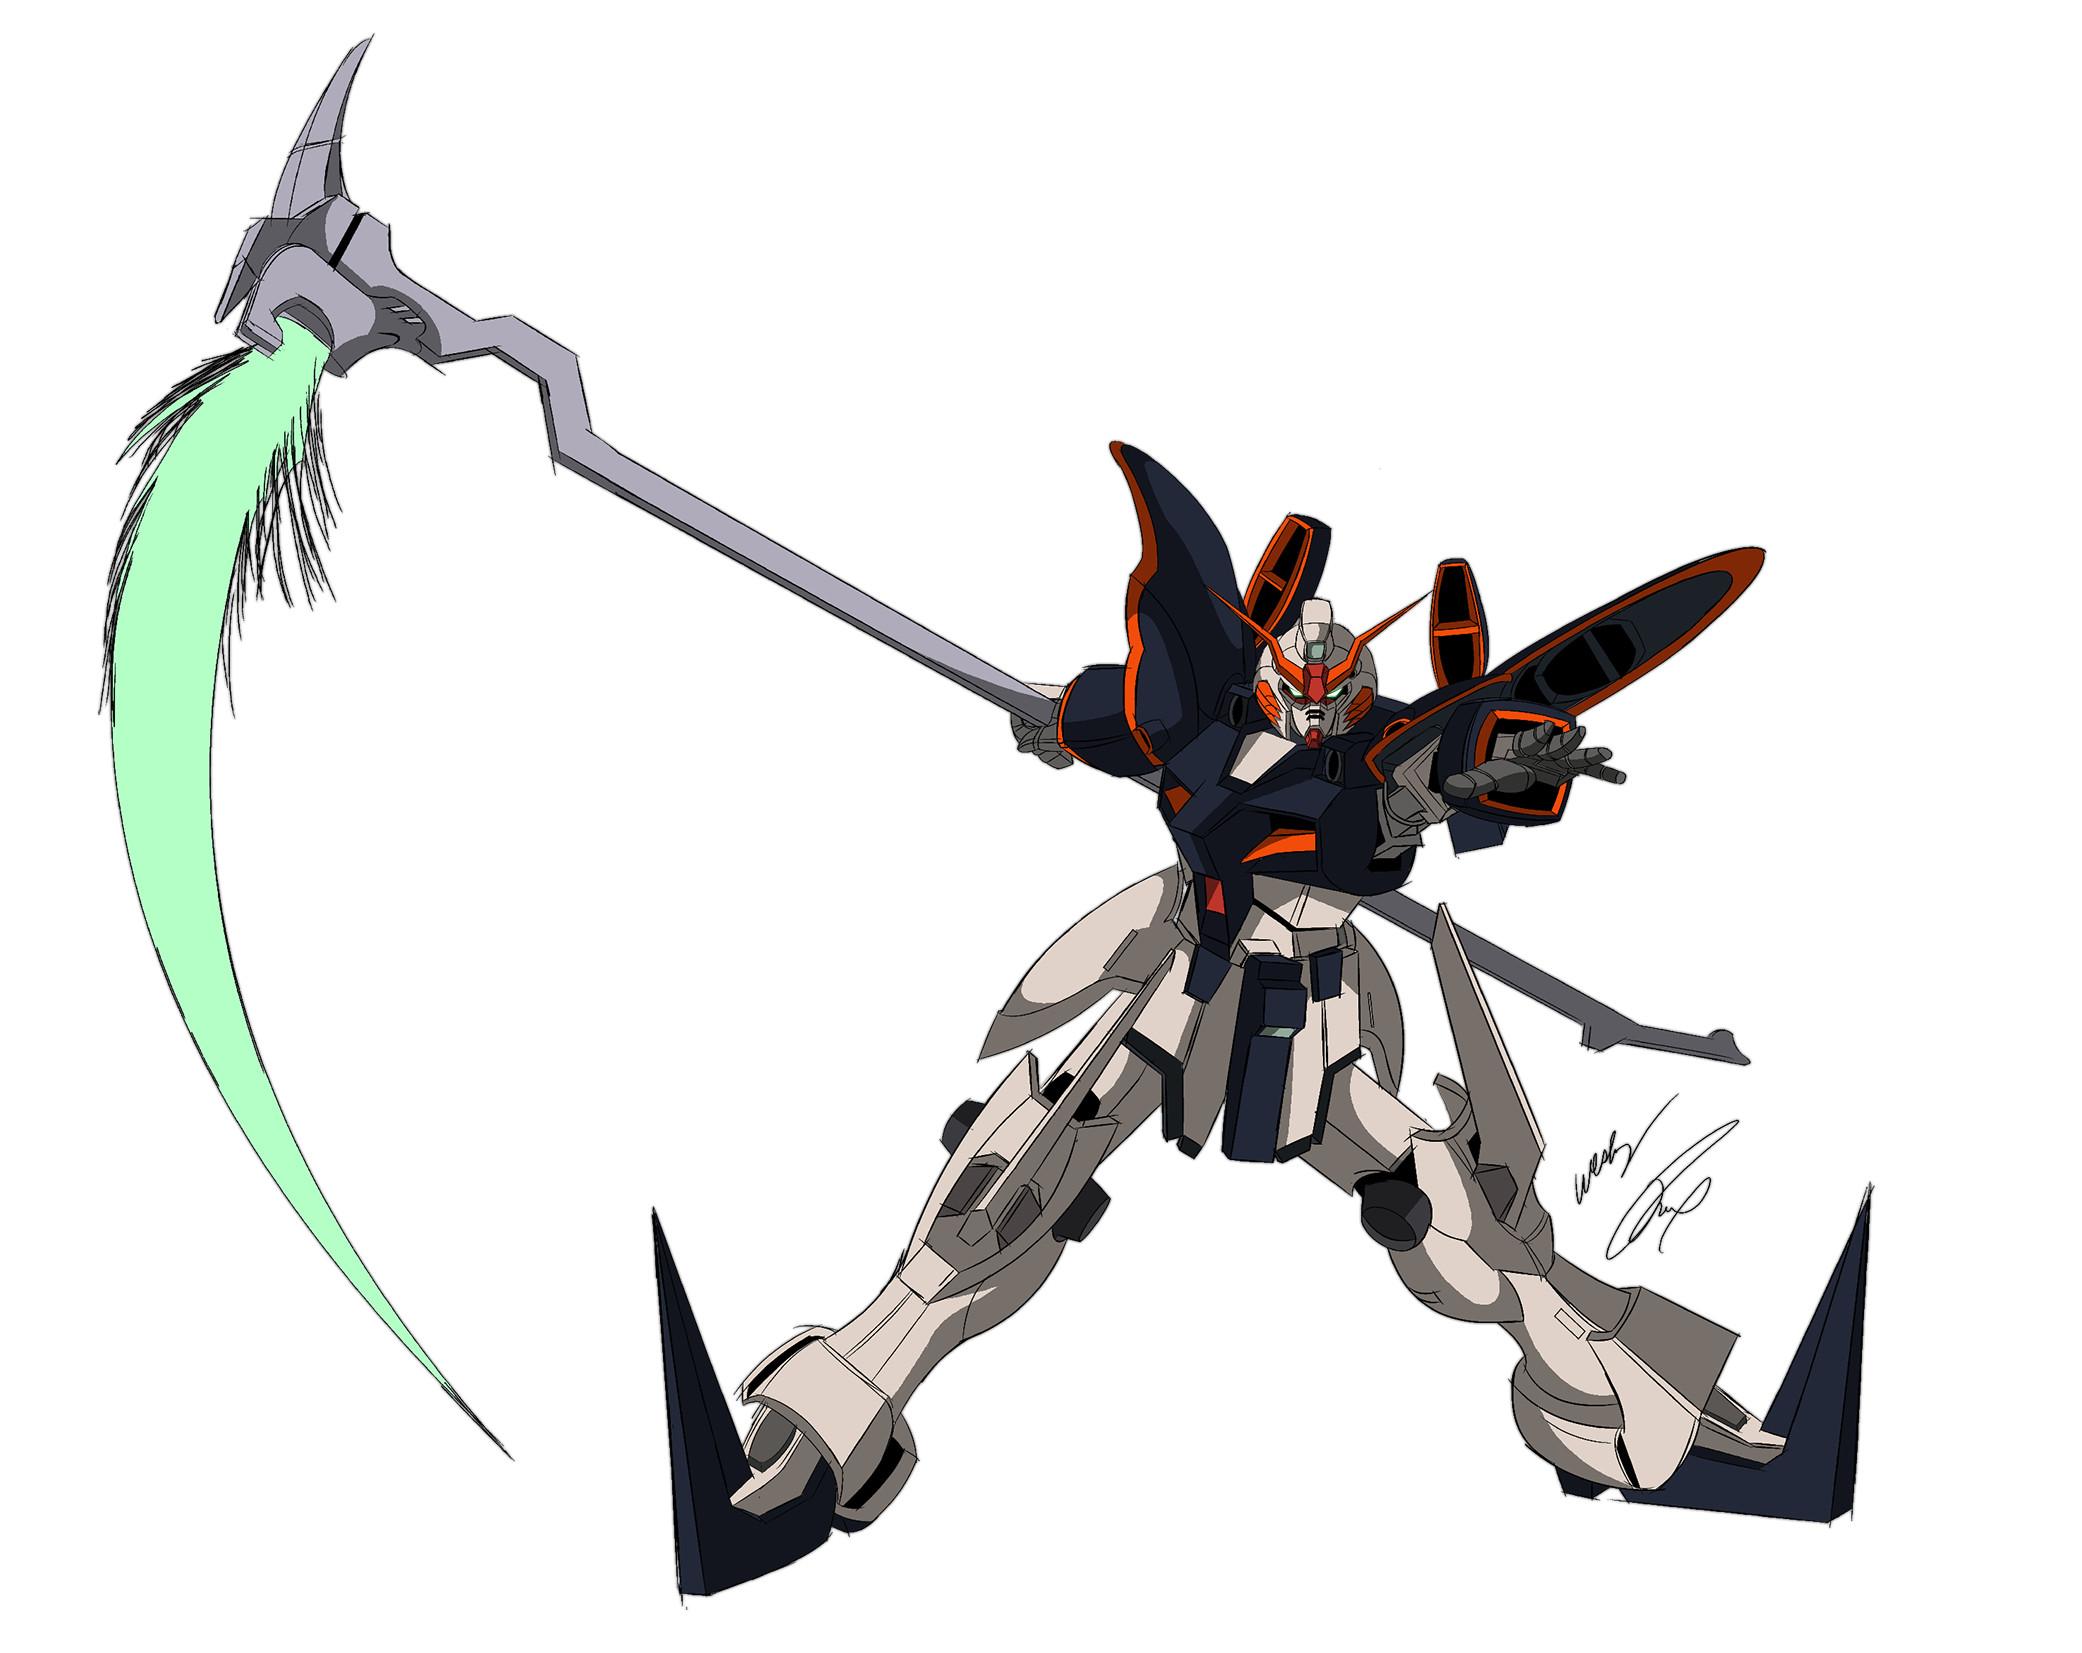 Gundam Deathscythe Color by GunZcon Gundam Deathscythe Color by GunZcon